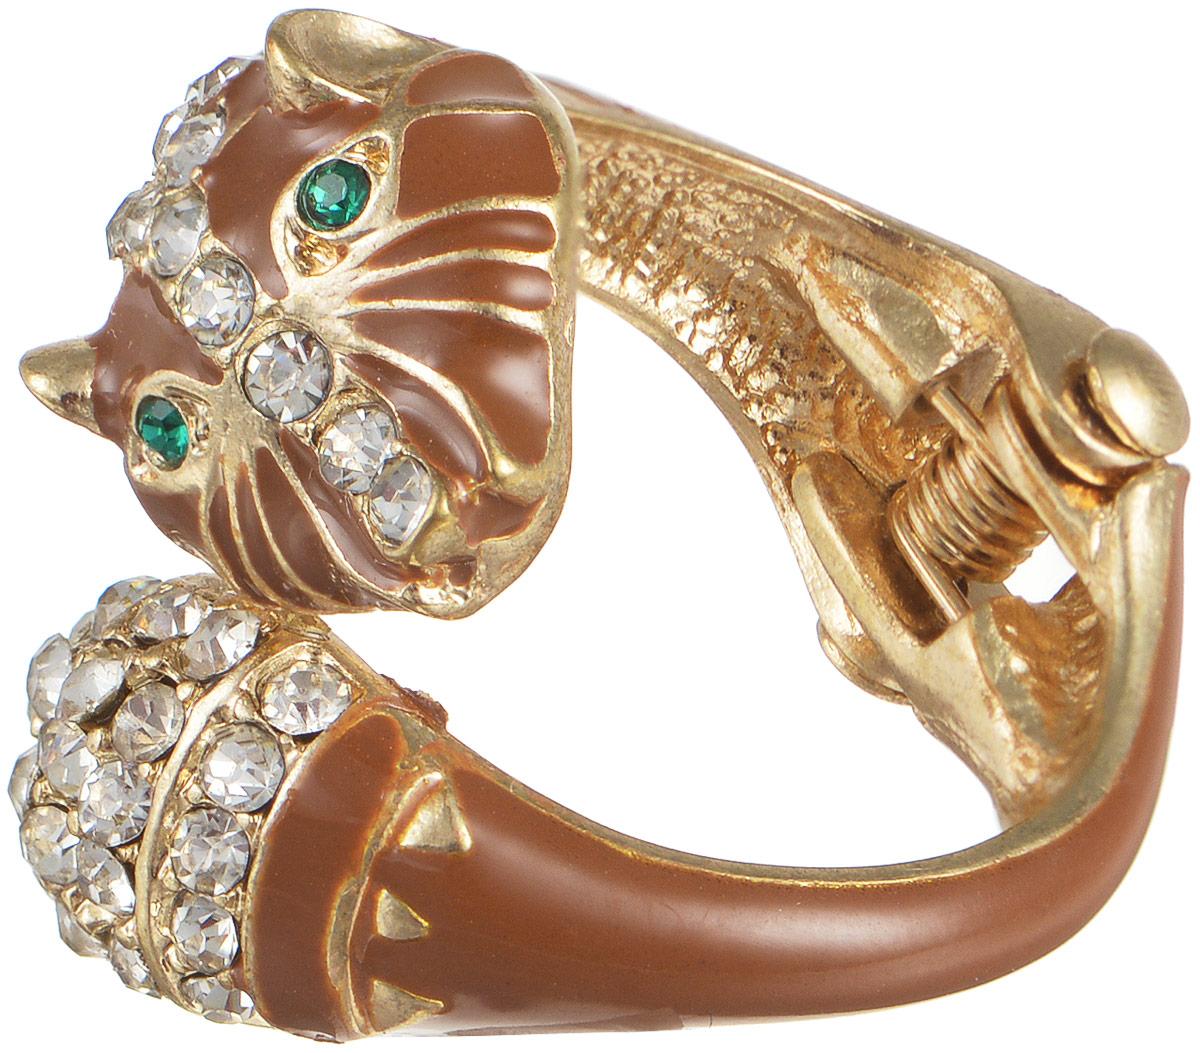 Кольцо женское Taya, цвет: золотистый, коричневый. T-B-5877T-B-5877-RING-GL.BROWNОригинальное безразмерное кольцо Taya выполнено из бижутерного сплава и оформлено в виде головы животного и дополнено стразами и эмалью. Модель регулируется при помощи пружинного механизма. Такое кольцо это блестящее завершение вашего неповторимого и смелого образа и отличный подарок для ценительницы необычных украшений!